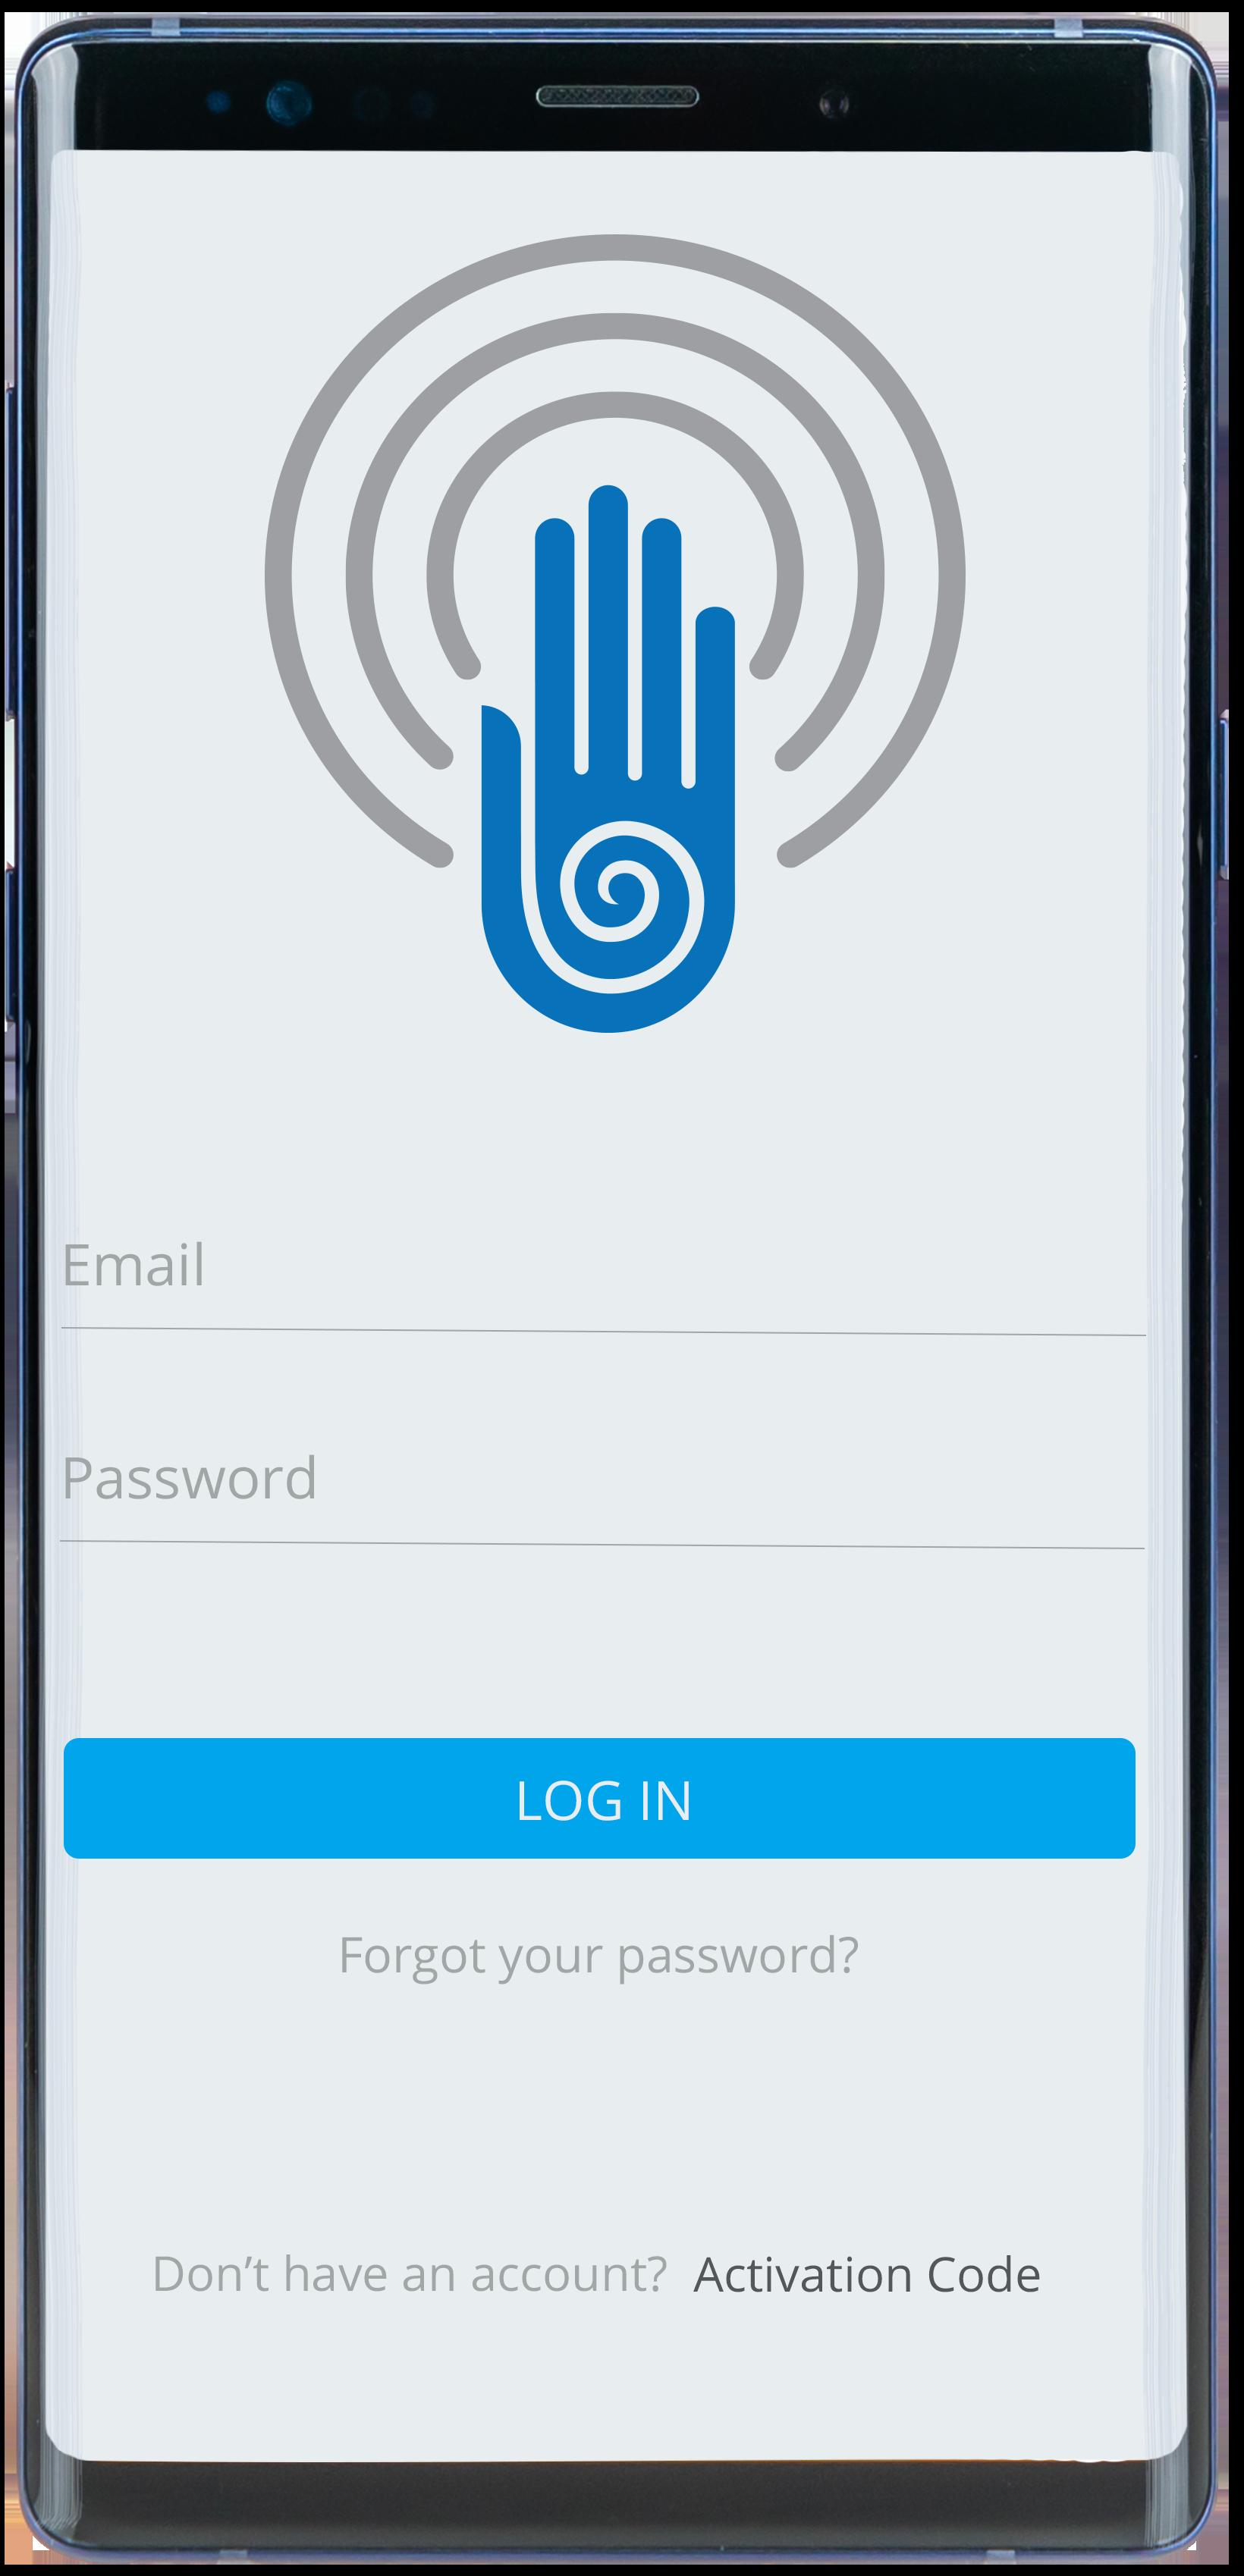 VictimsVoice App